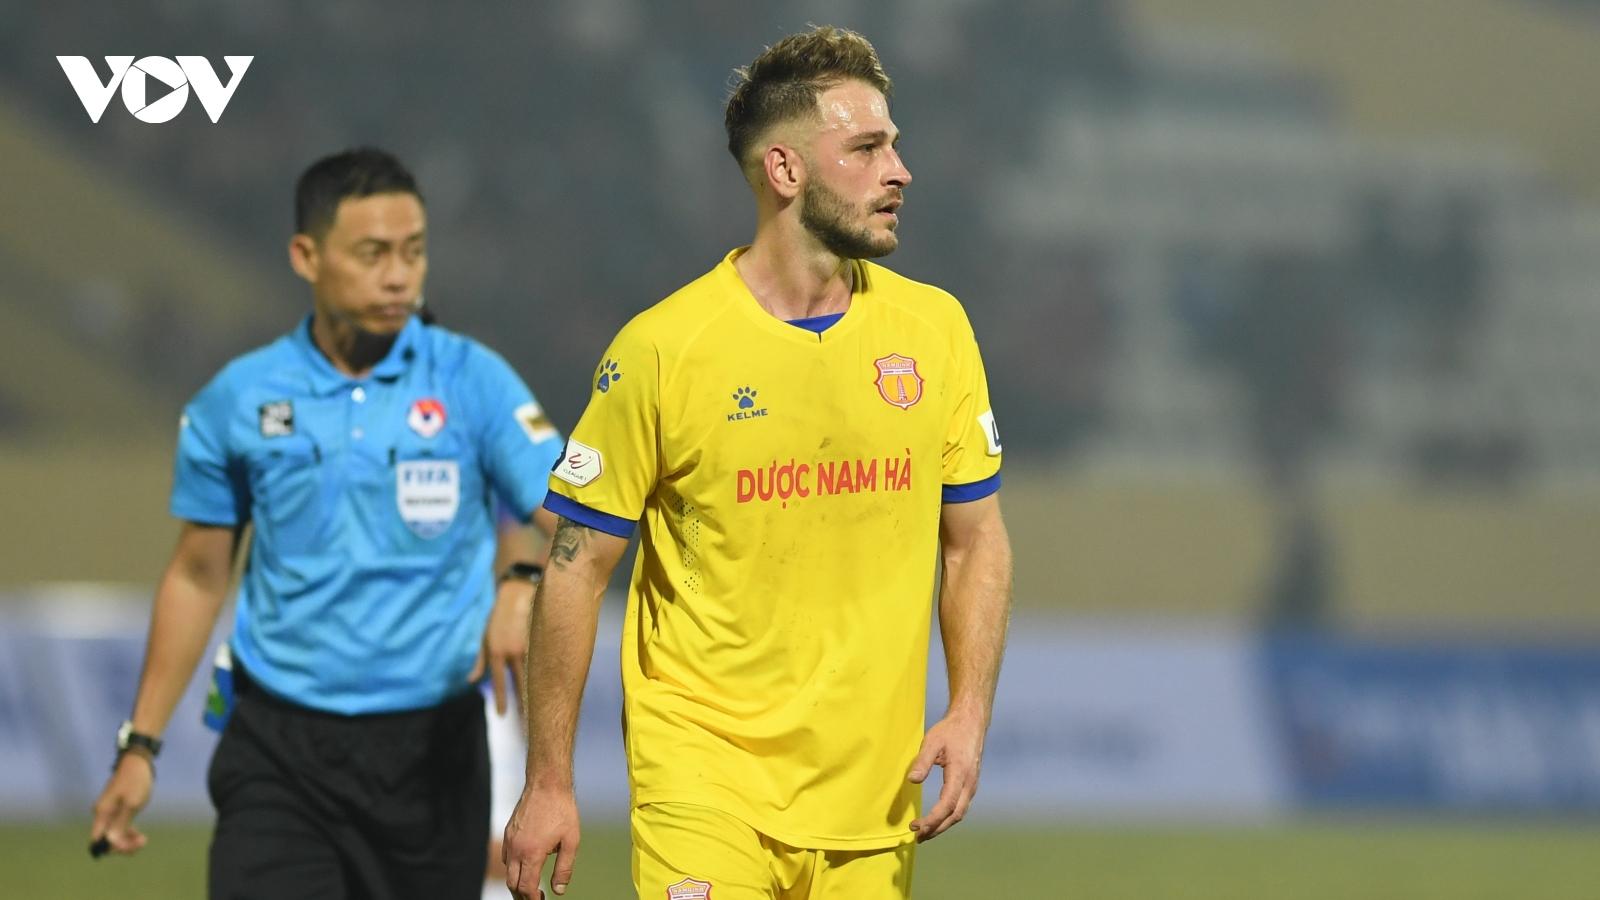 """Ngoại binh giúp Nam Định thắng Hà Nội FC tố câu lạc bộ """"dối trá"""""""